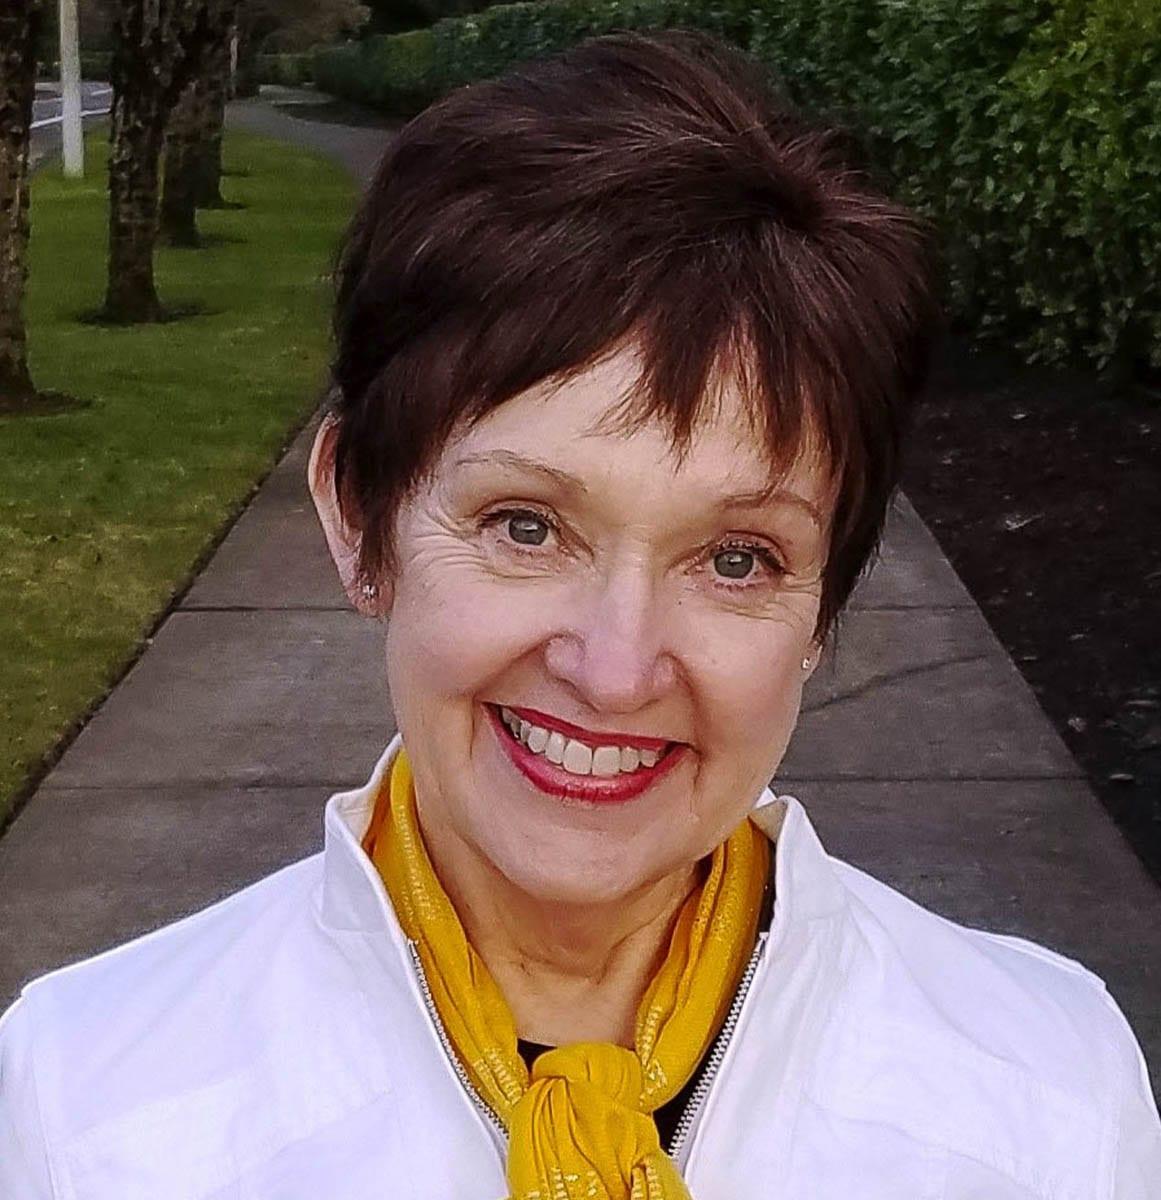 Karen Dill Bowerman